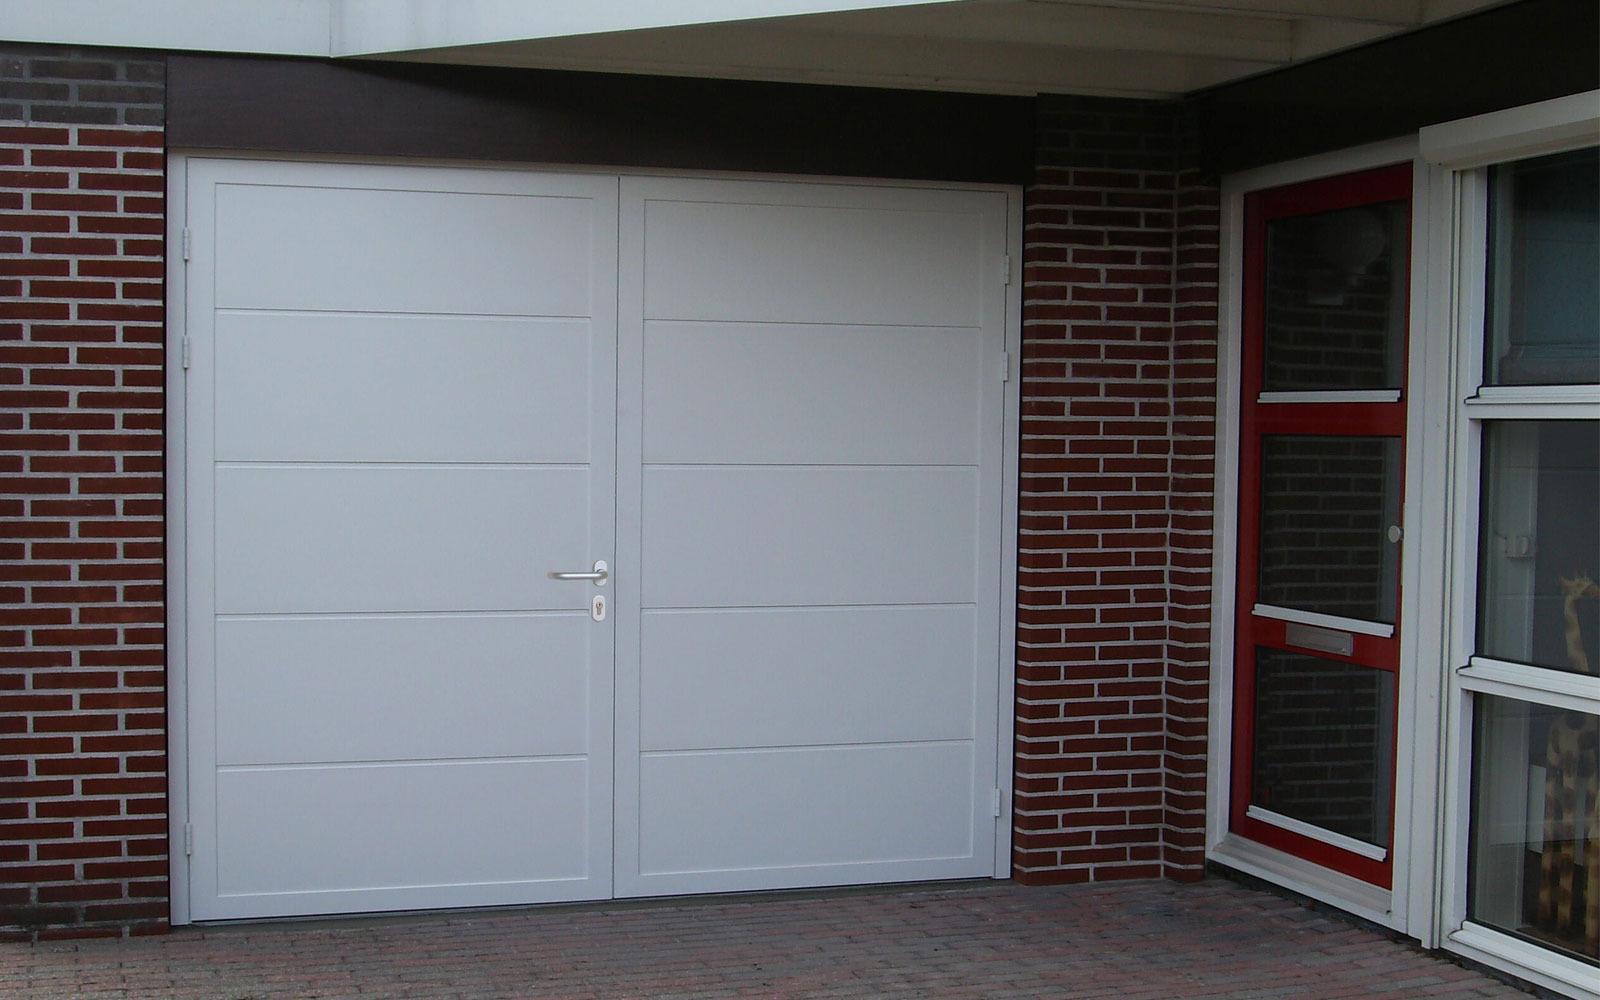 Houten Garagedeuren Prijs : Houten garagedeuren prijzen houten garagedeur prijs i different